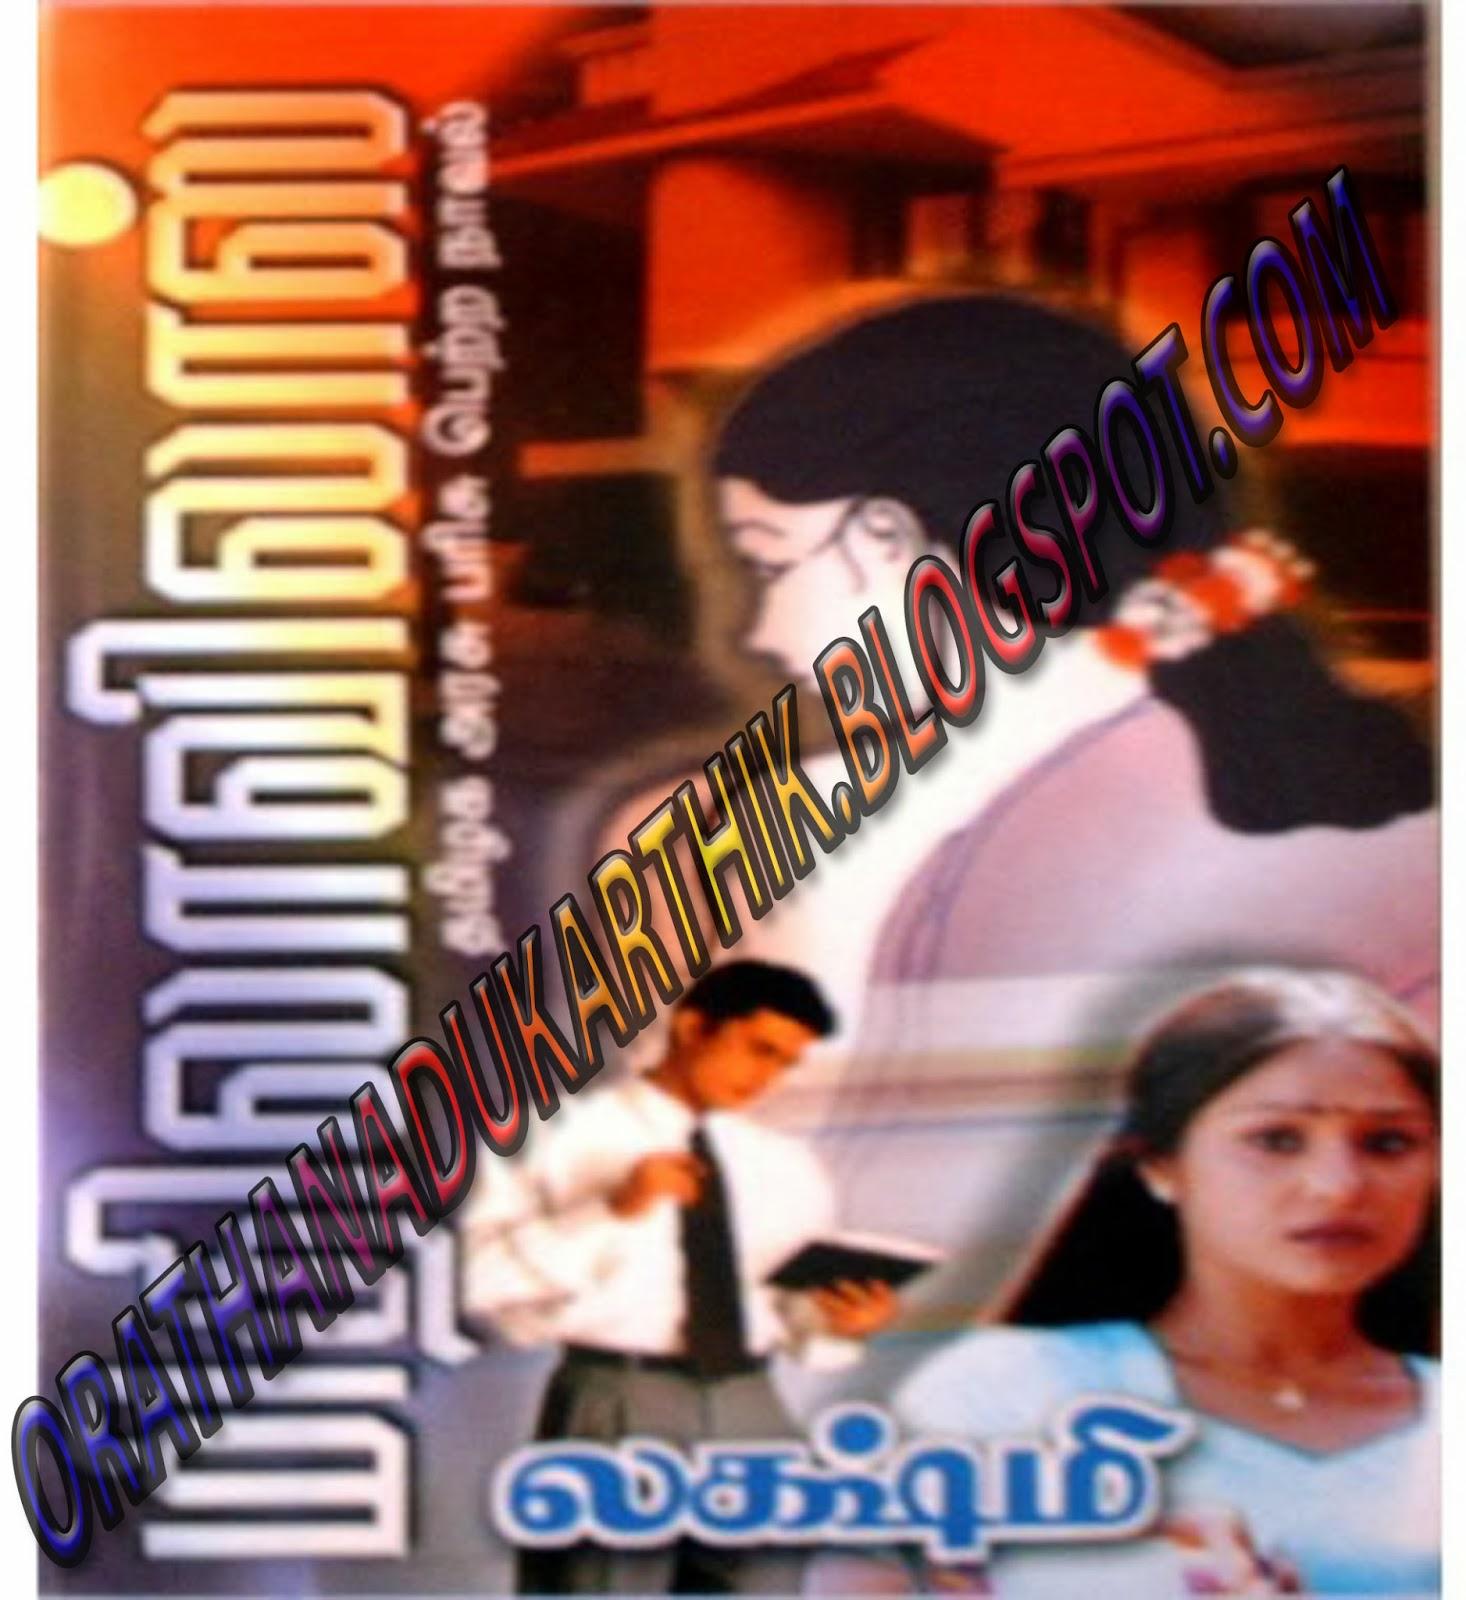 மிதிலா விலாஸ் -தமிழக அரசு பரிசு பெற்ற நாவல்  Untitled-1+copy